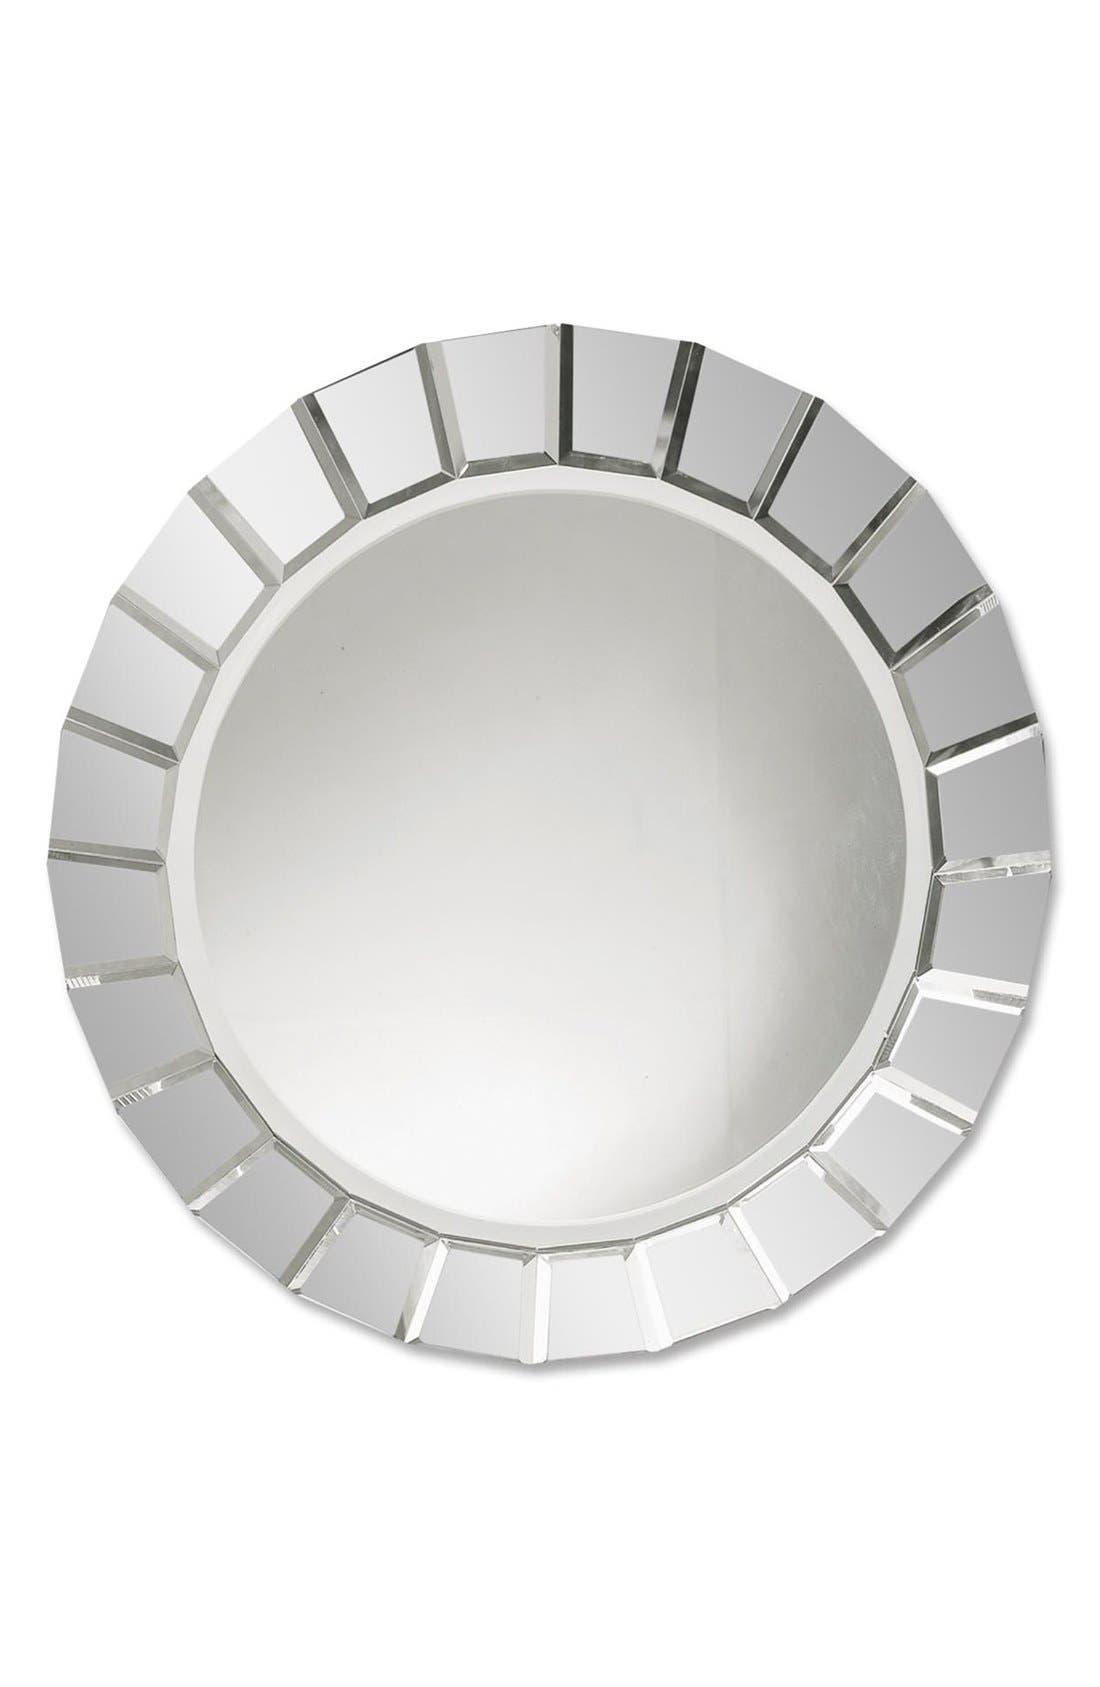 Uttermost 'Fortune' Round Mirror